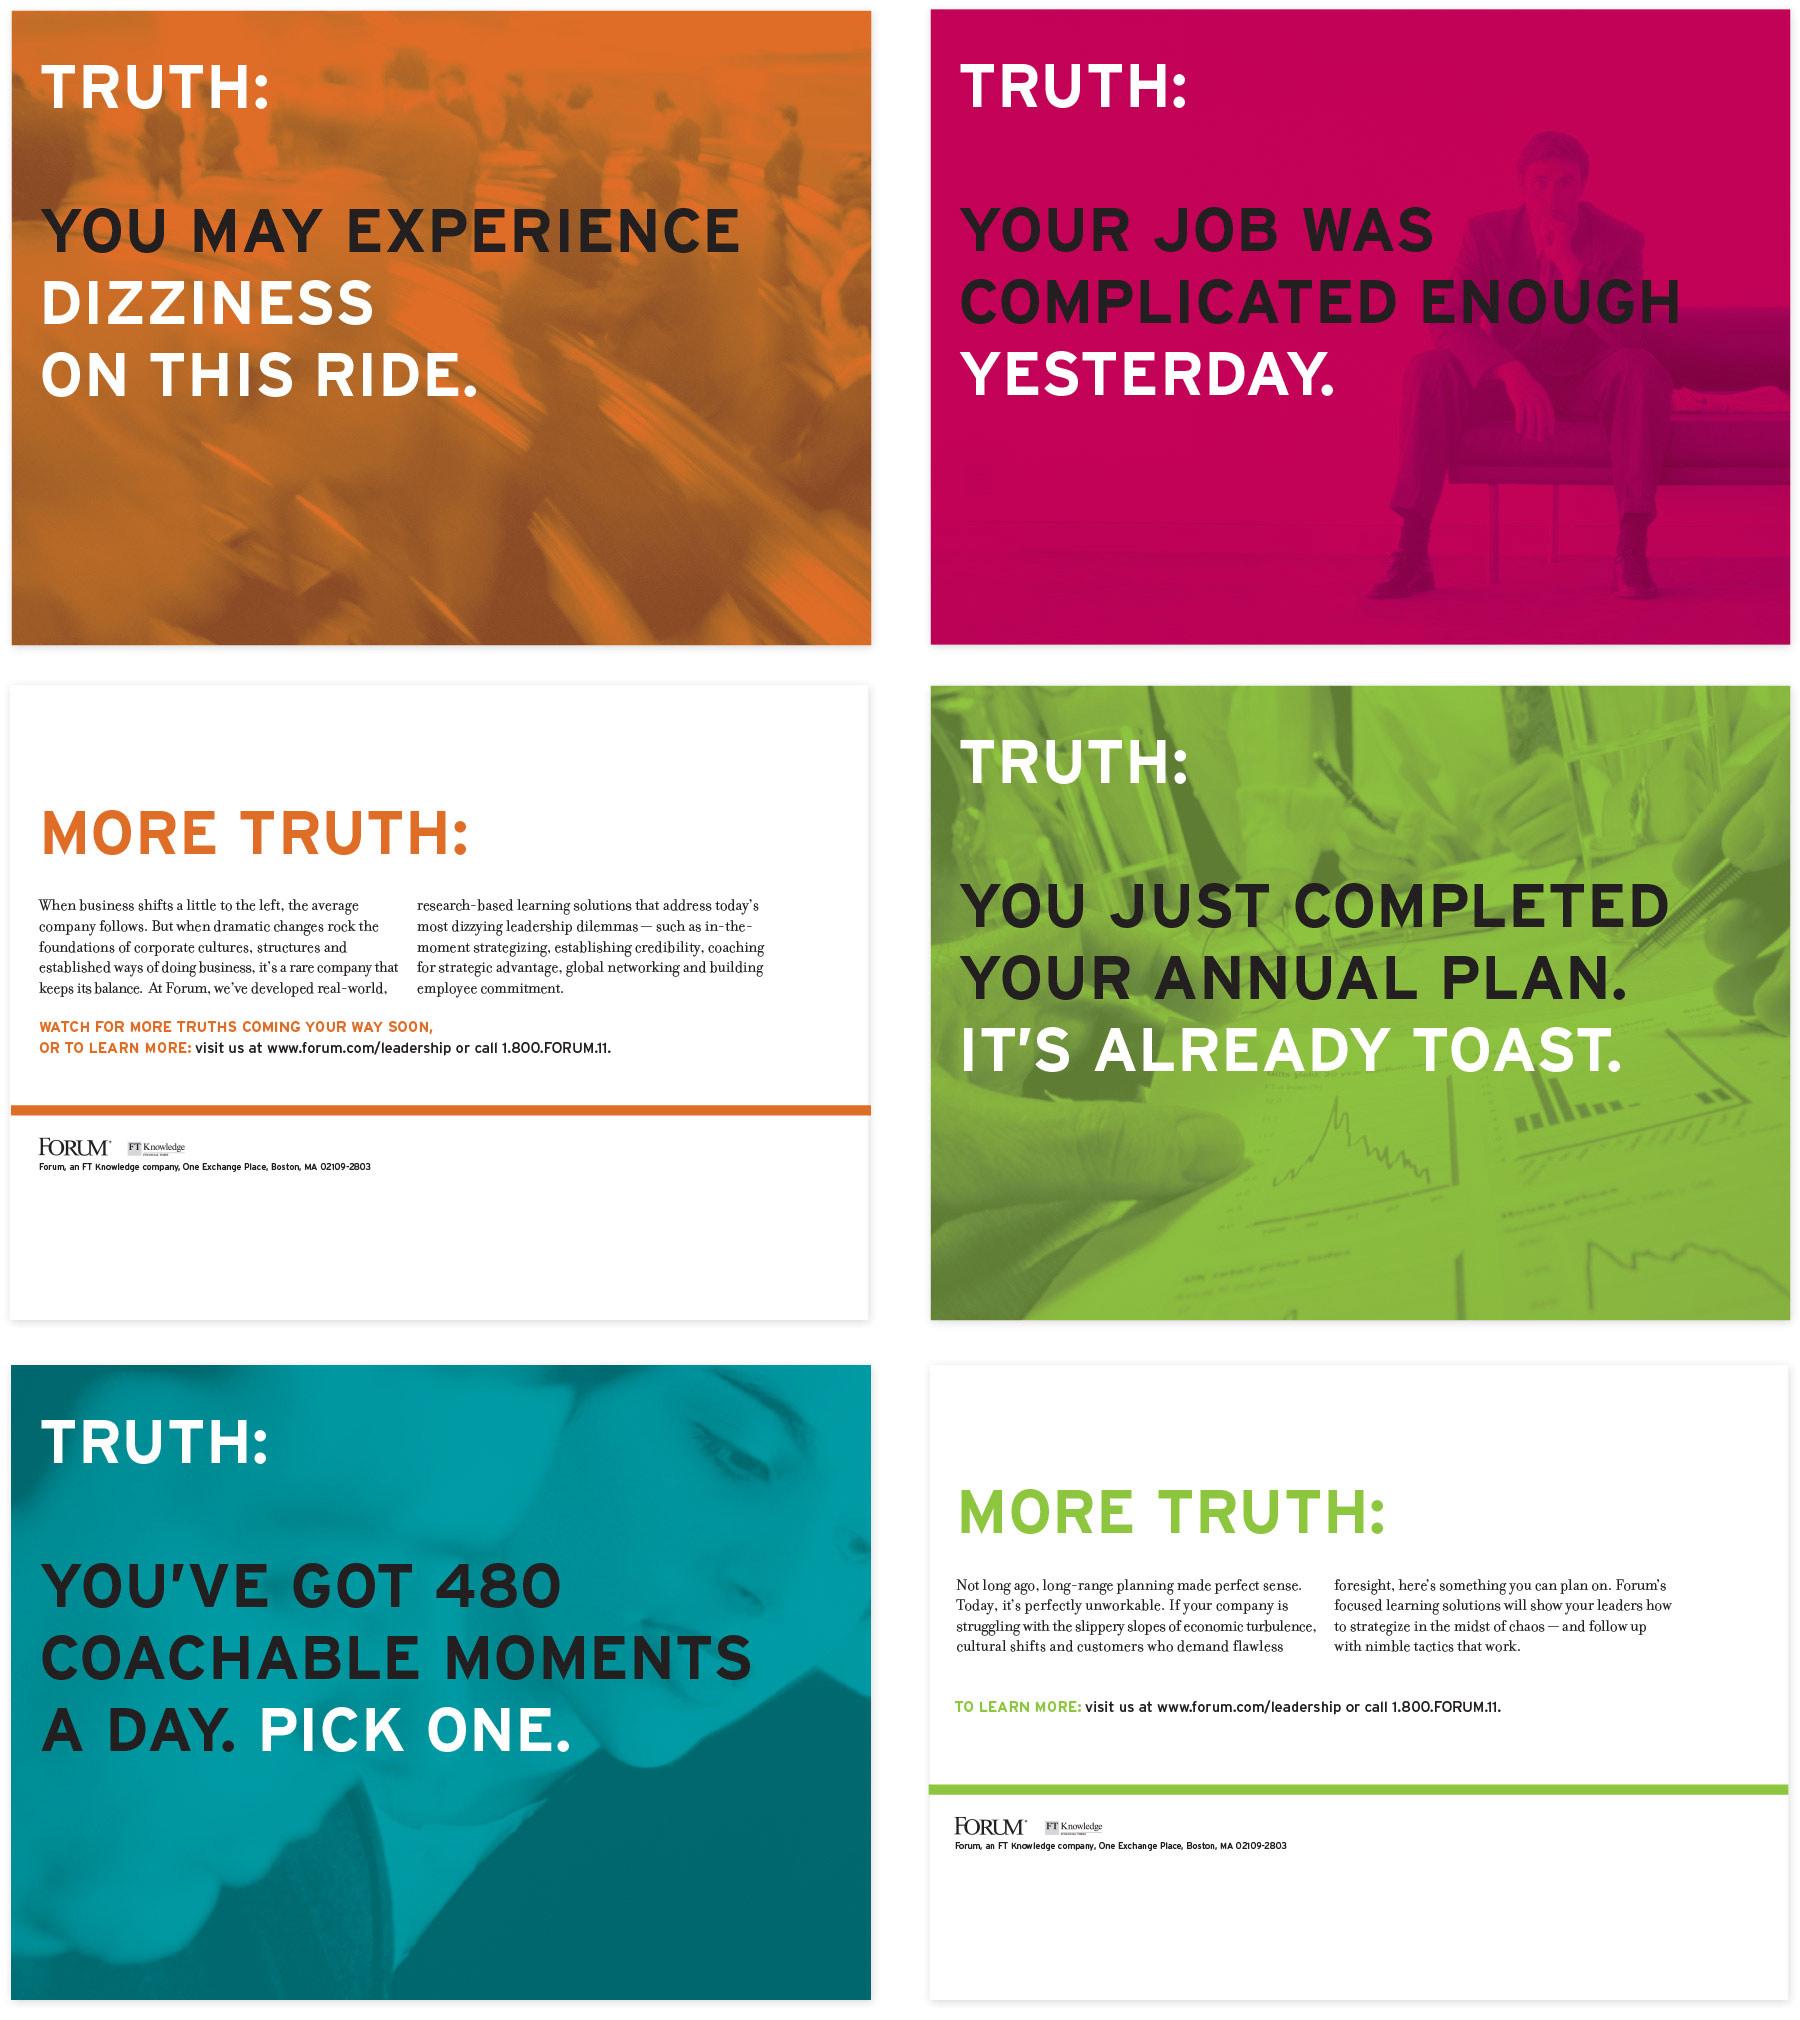 Forum Corporation direct mail campaign set